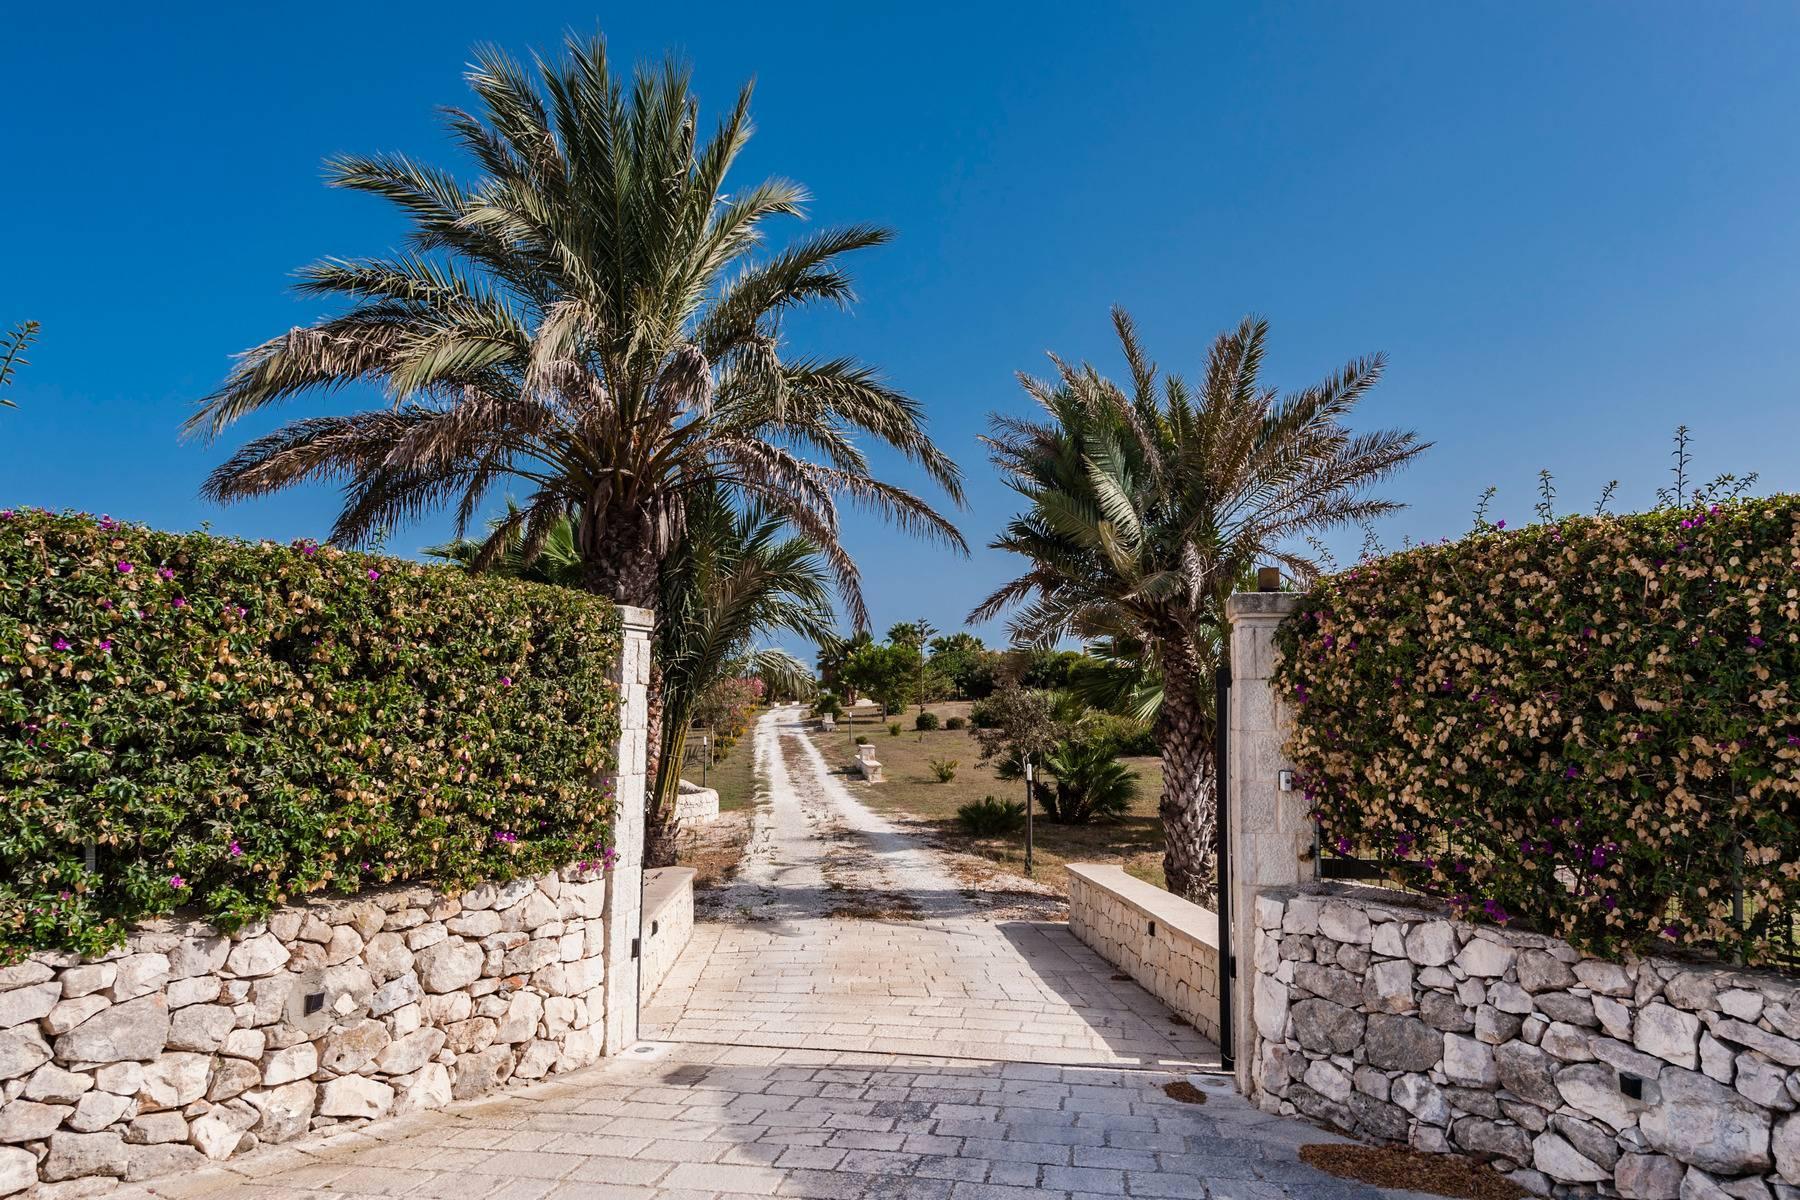 Esclusiva villa sul mare con ingresso privato in spiaggia - 18